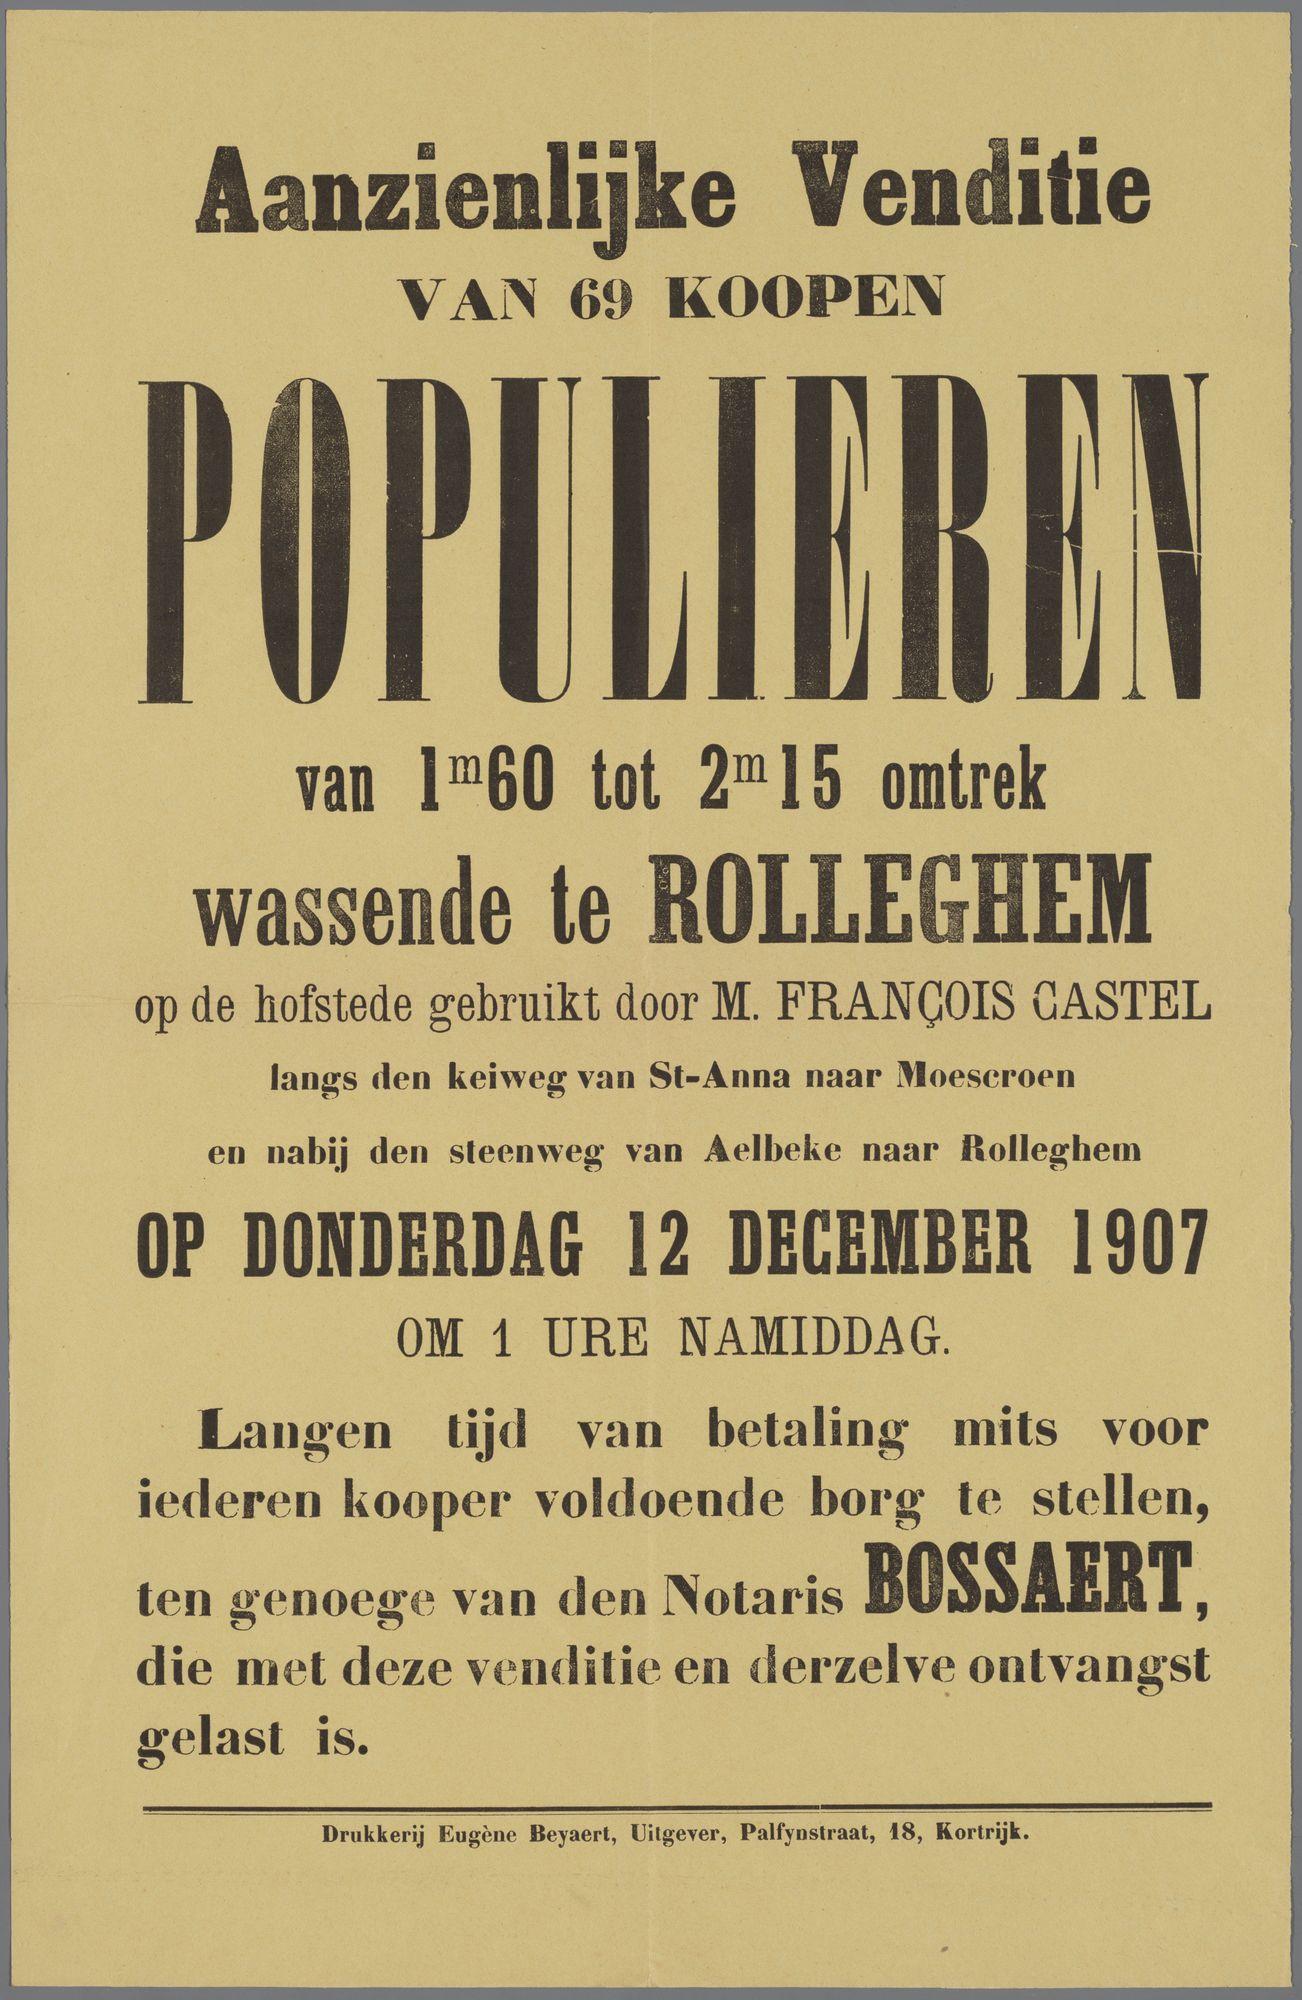 Verkoop van populieren 1907